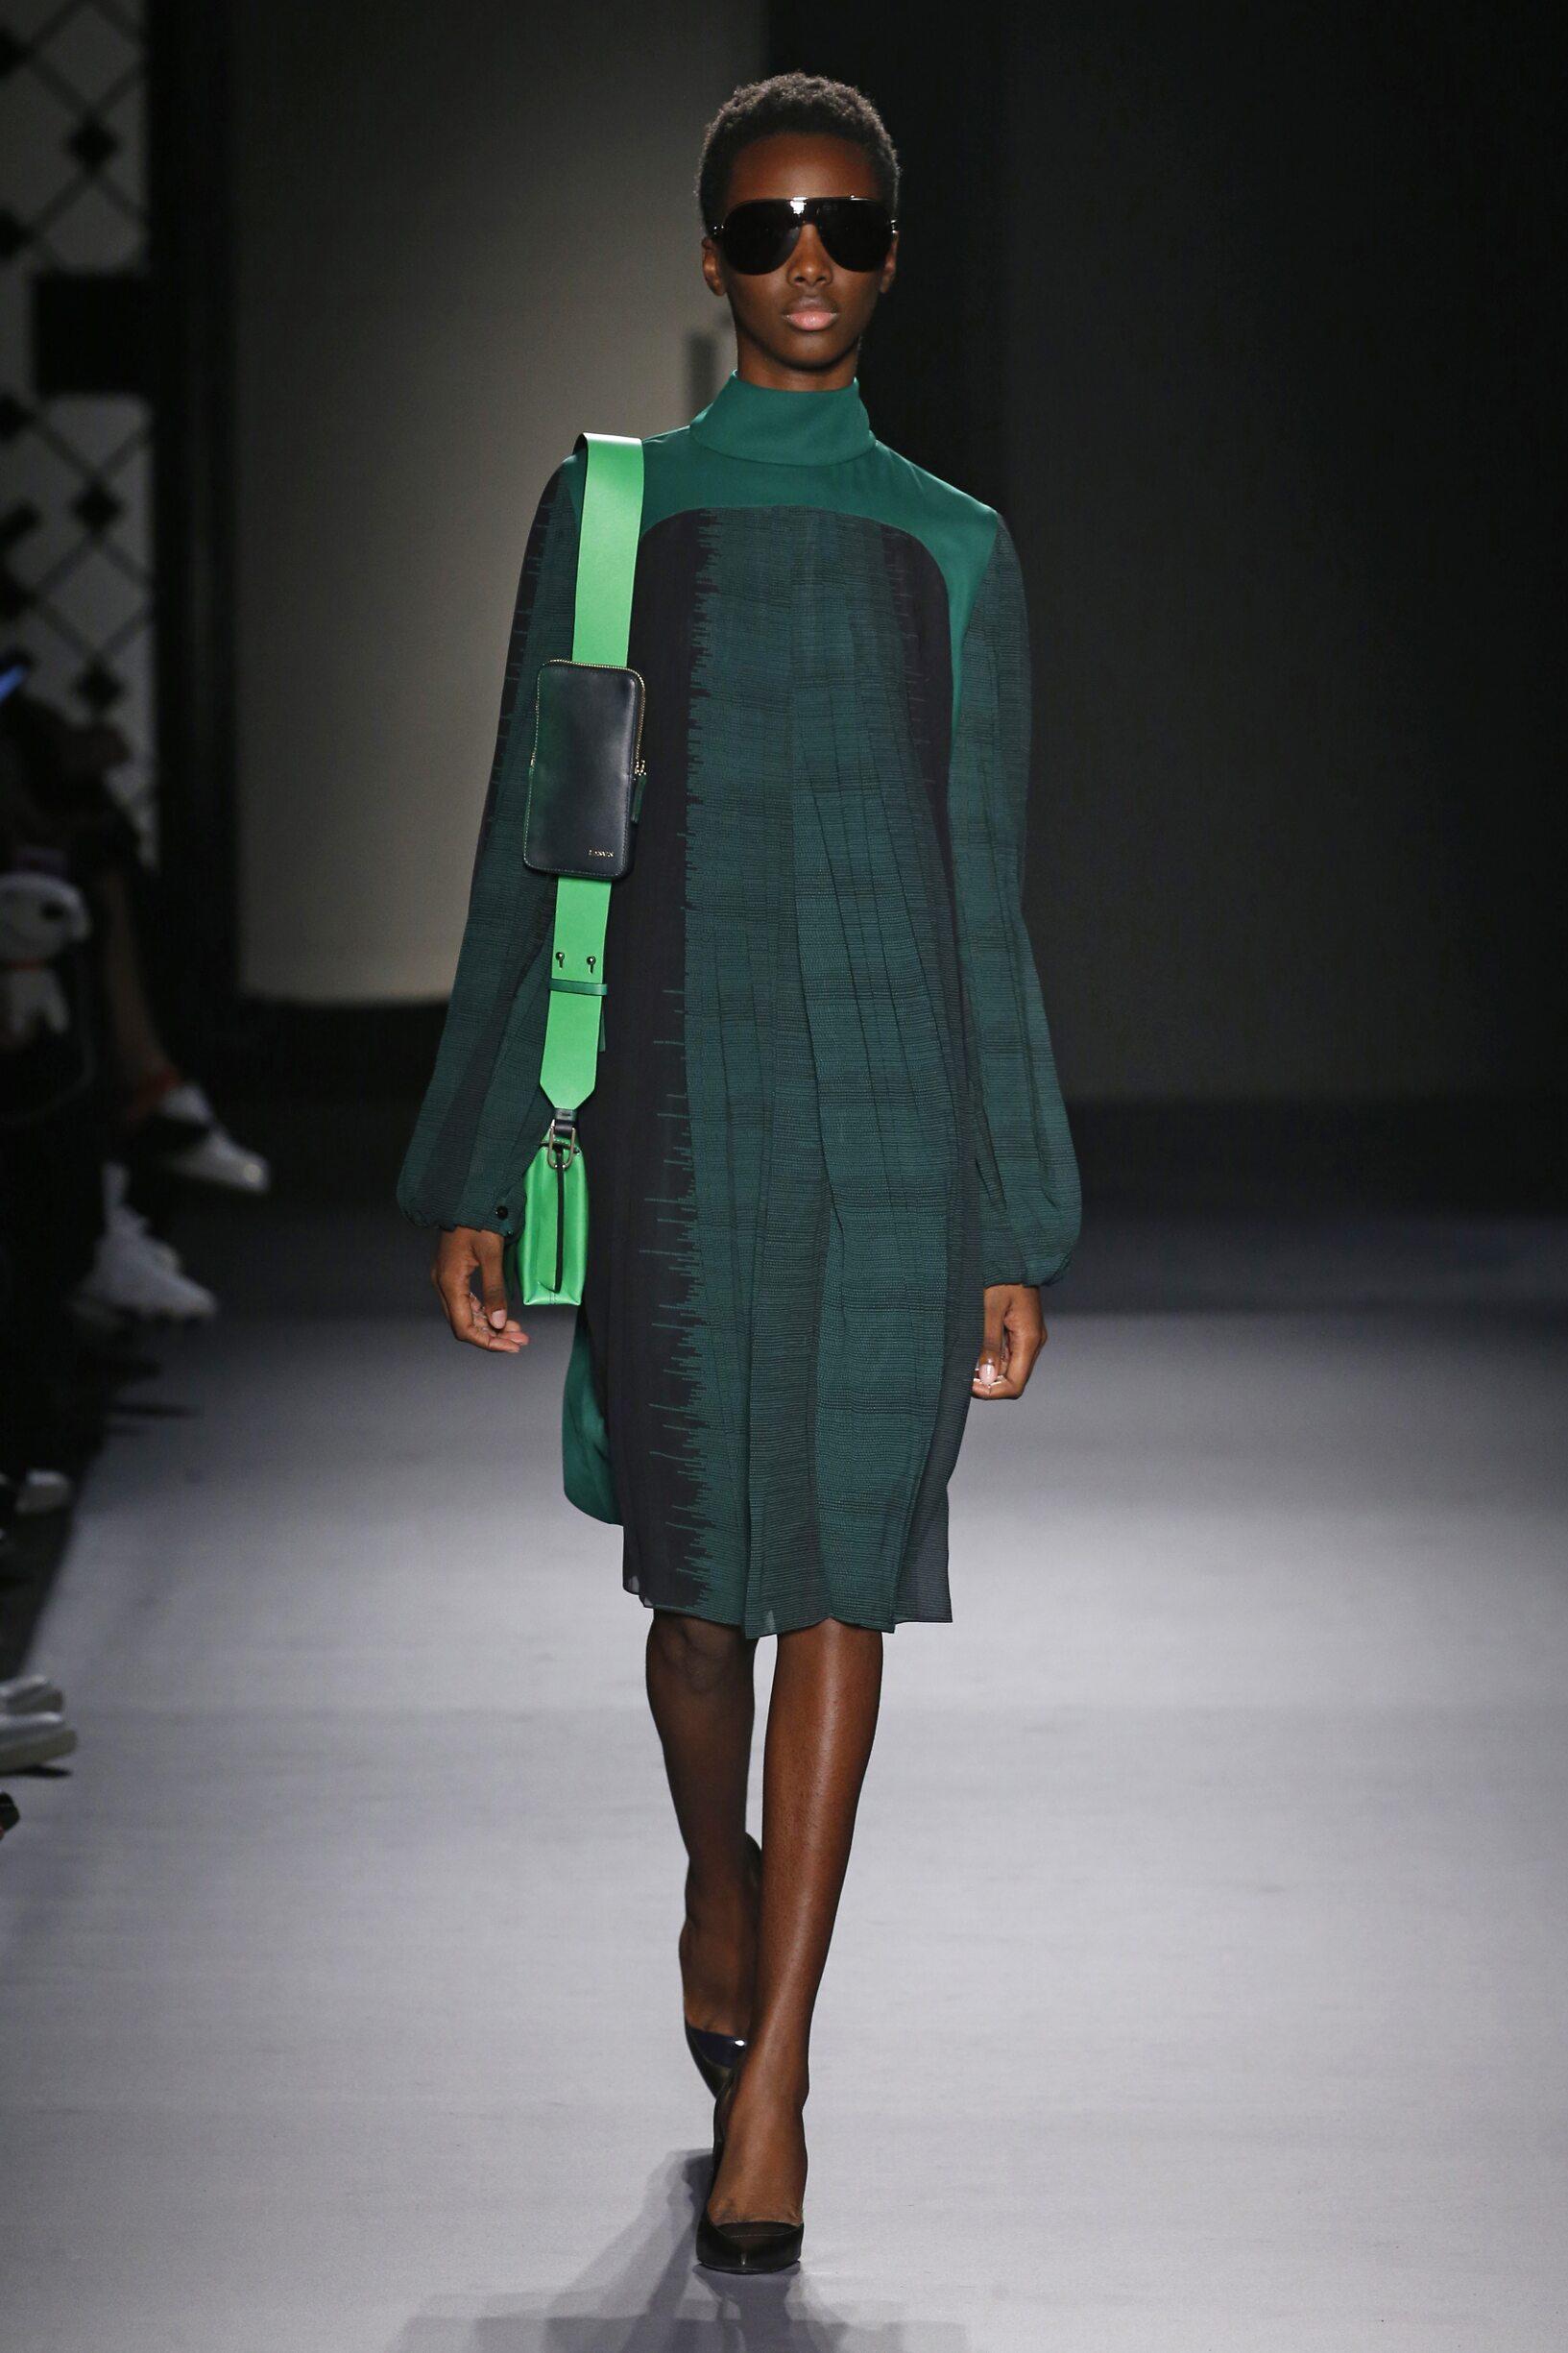 Lanvin FW 2018 Womenswear